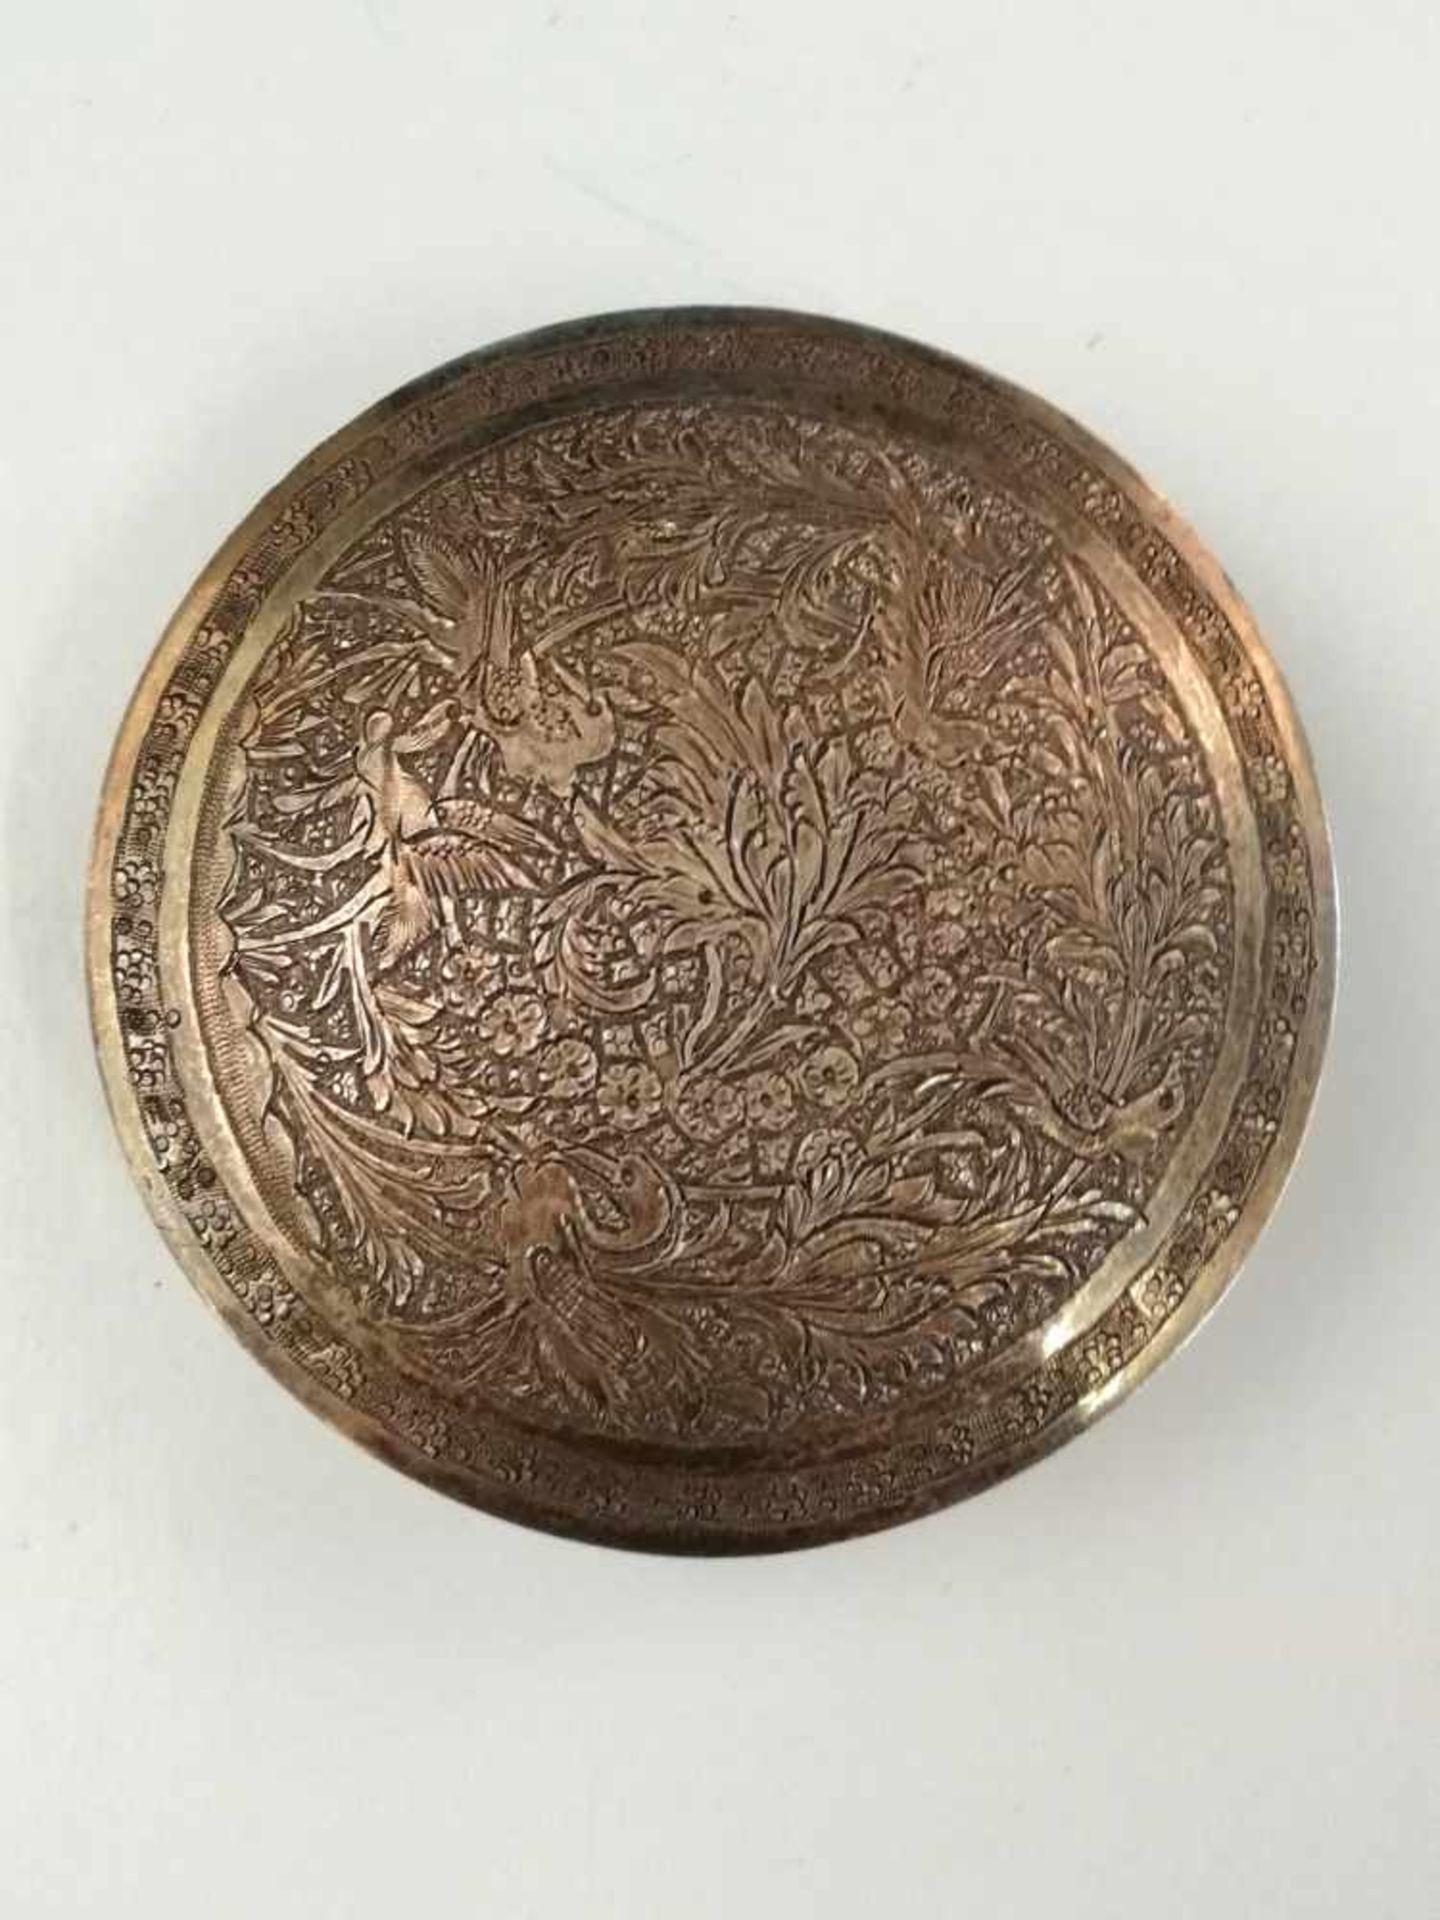 Los 34 - Orientalische Deckeldose, Anfang 20.Jh.,Silber 925, handziselierte floral gearbeitete Vogel- und